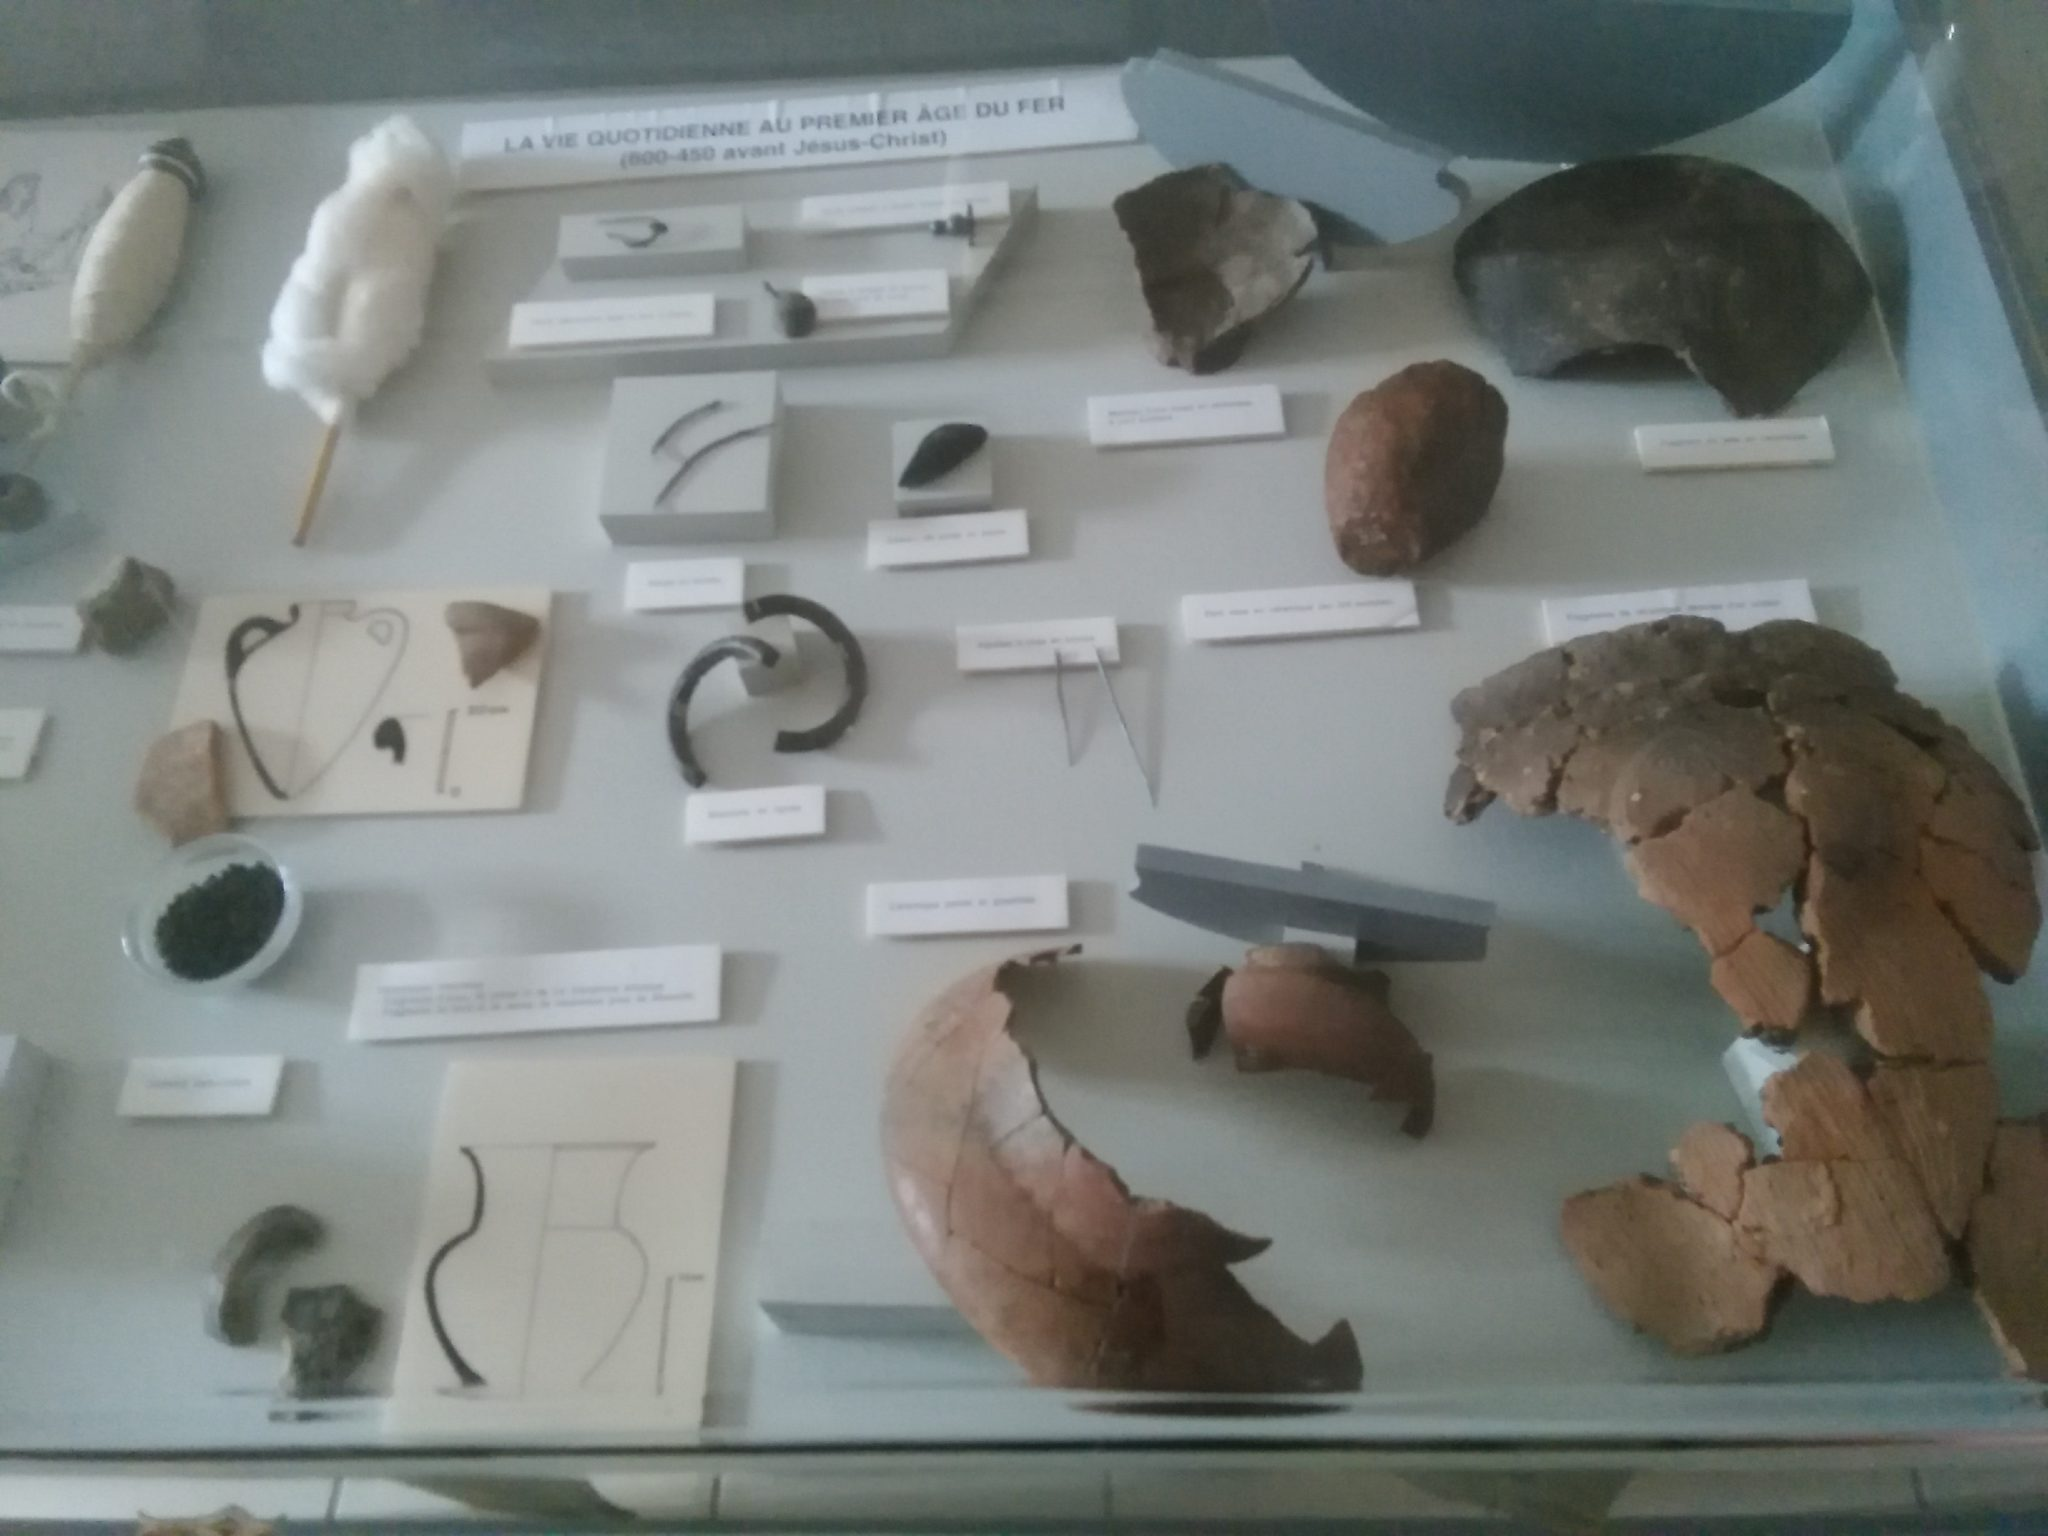 trouvé lors des fouilles à Bourguignon lès Morey